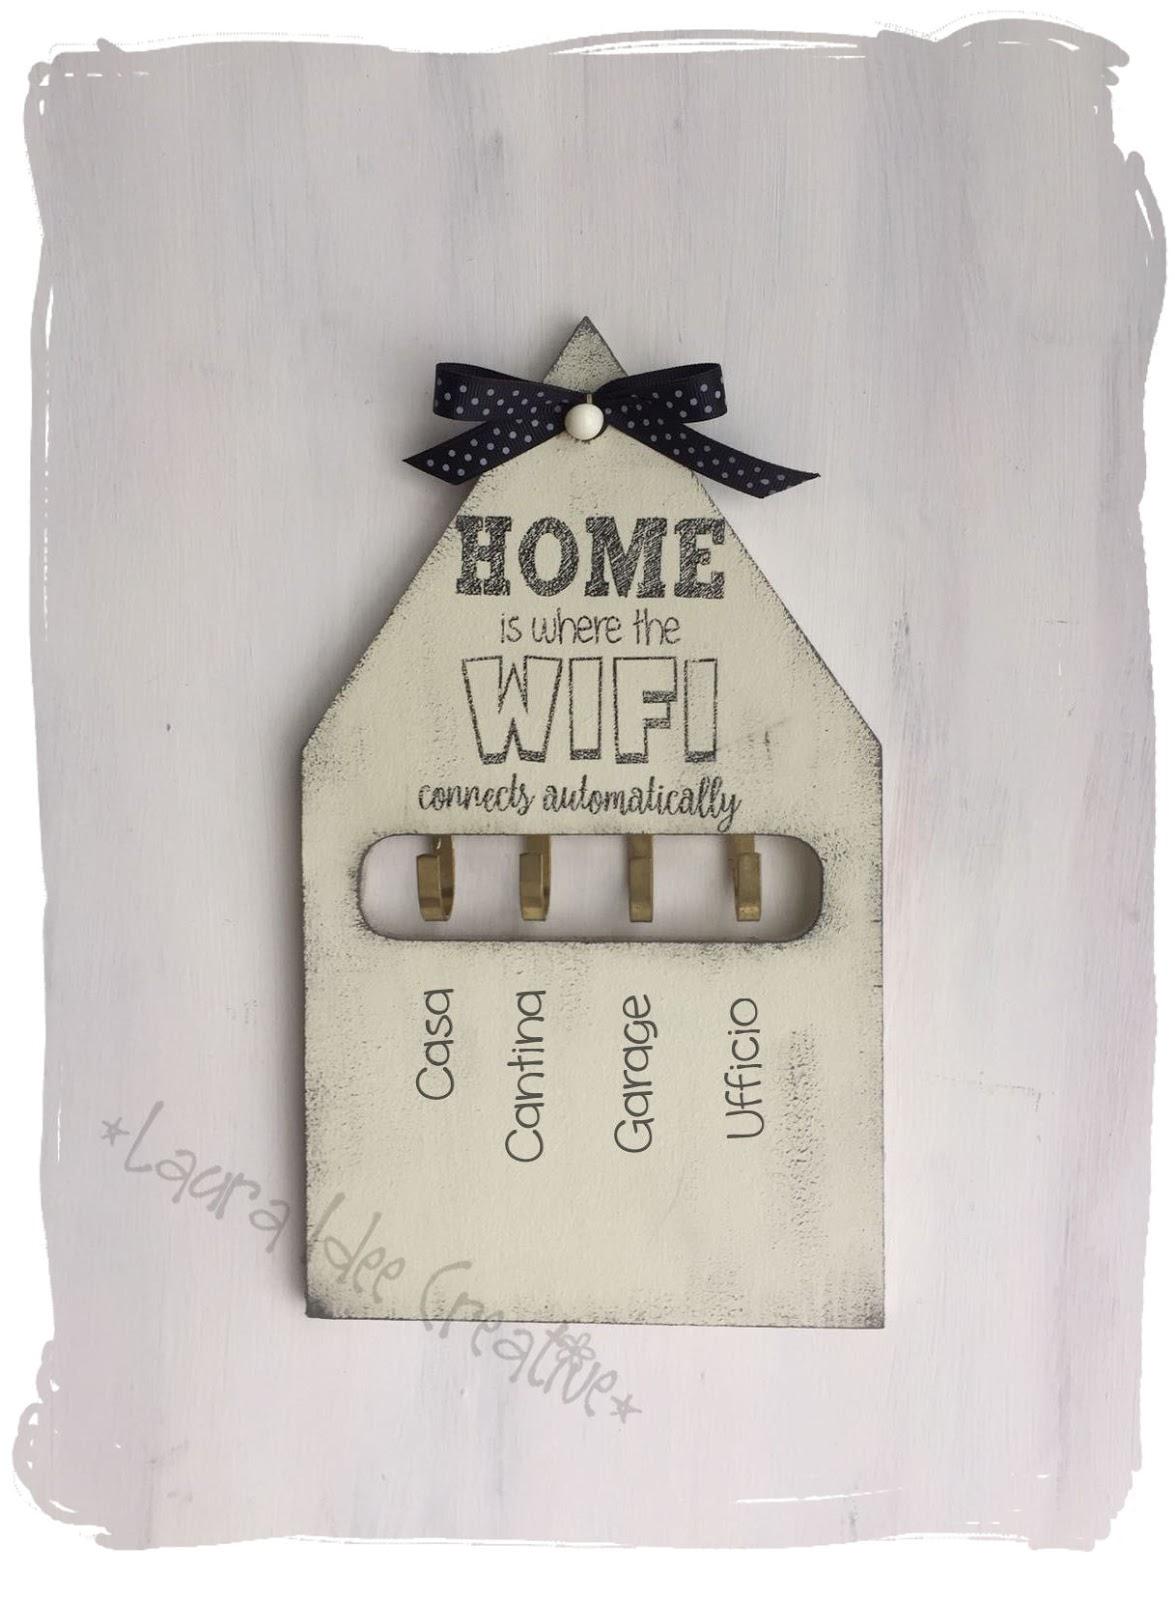 Laura idee creative portachiavi da parete in legno a - Idee regalo x la casa ...